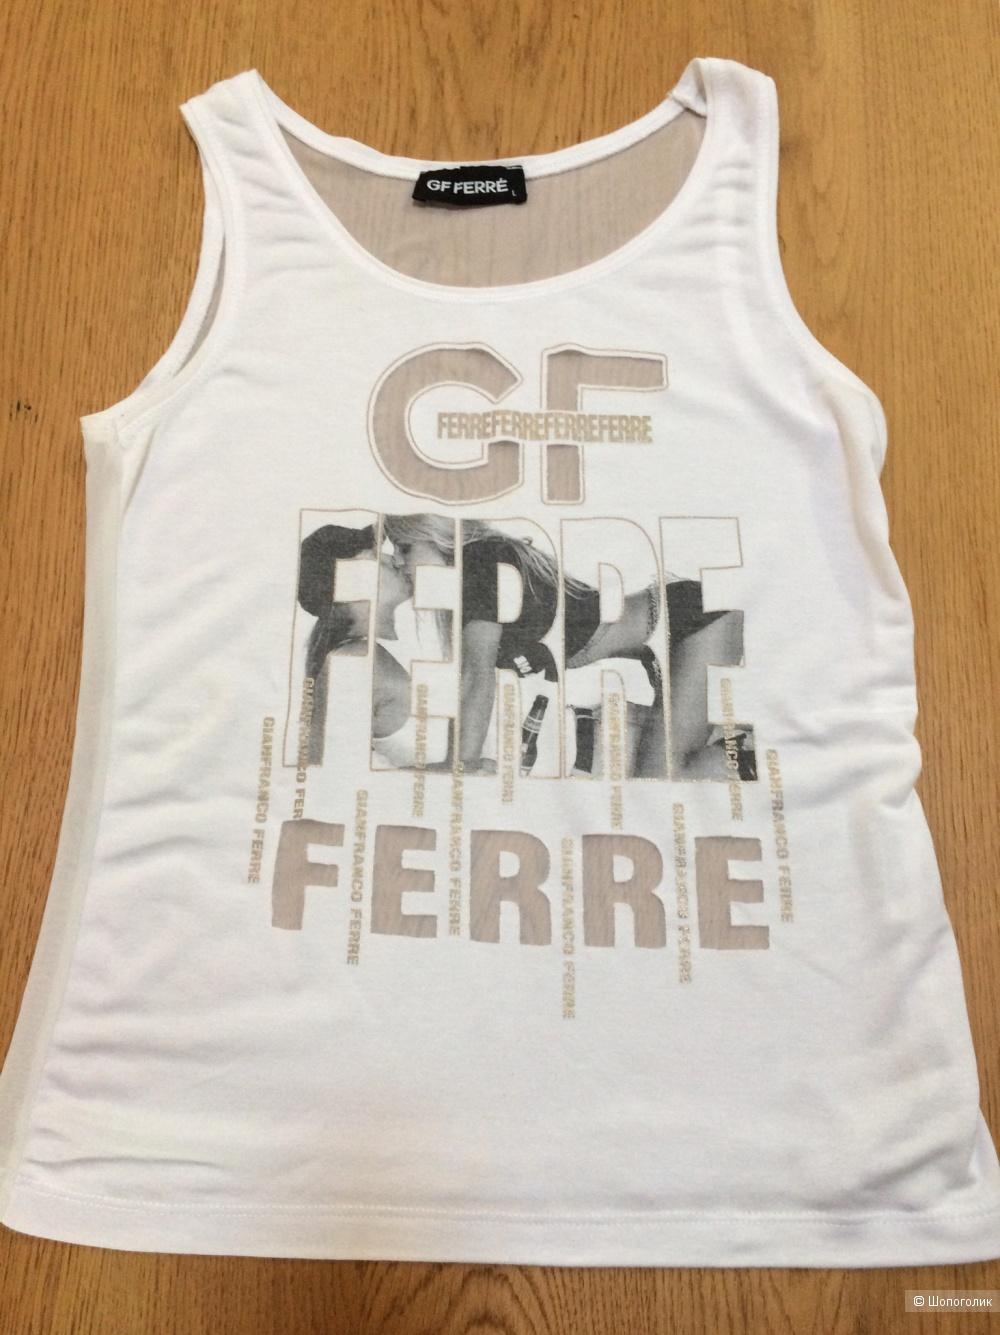 Сет из 3-х вещей:Юбка Les Copains +Футболка GF Ferre + бусы  размер 42-44